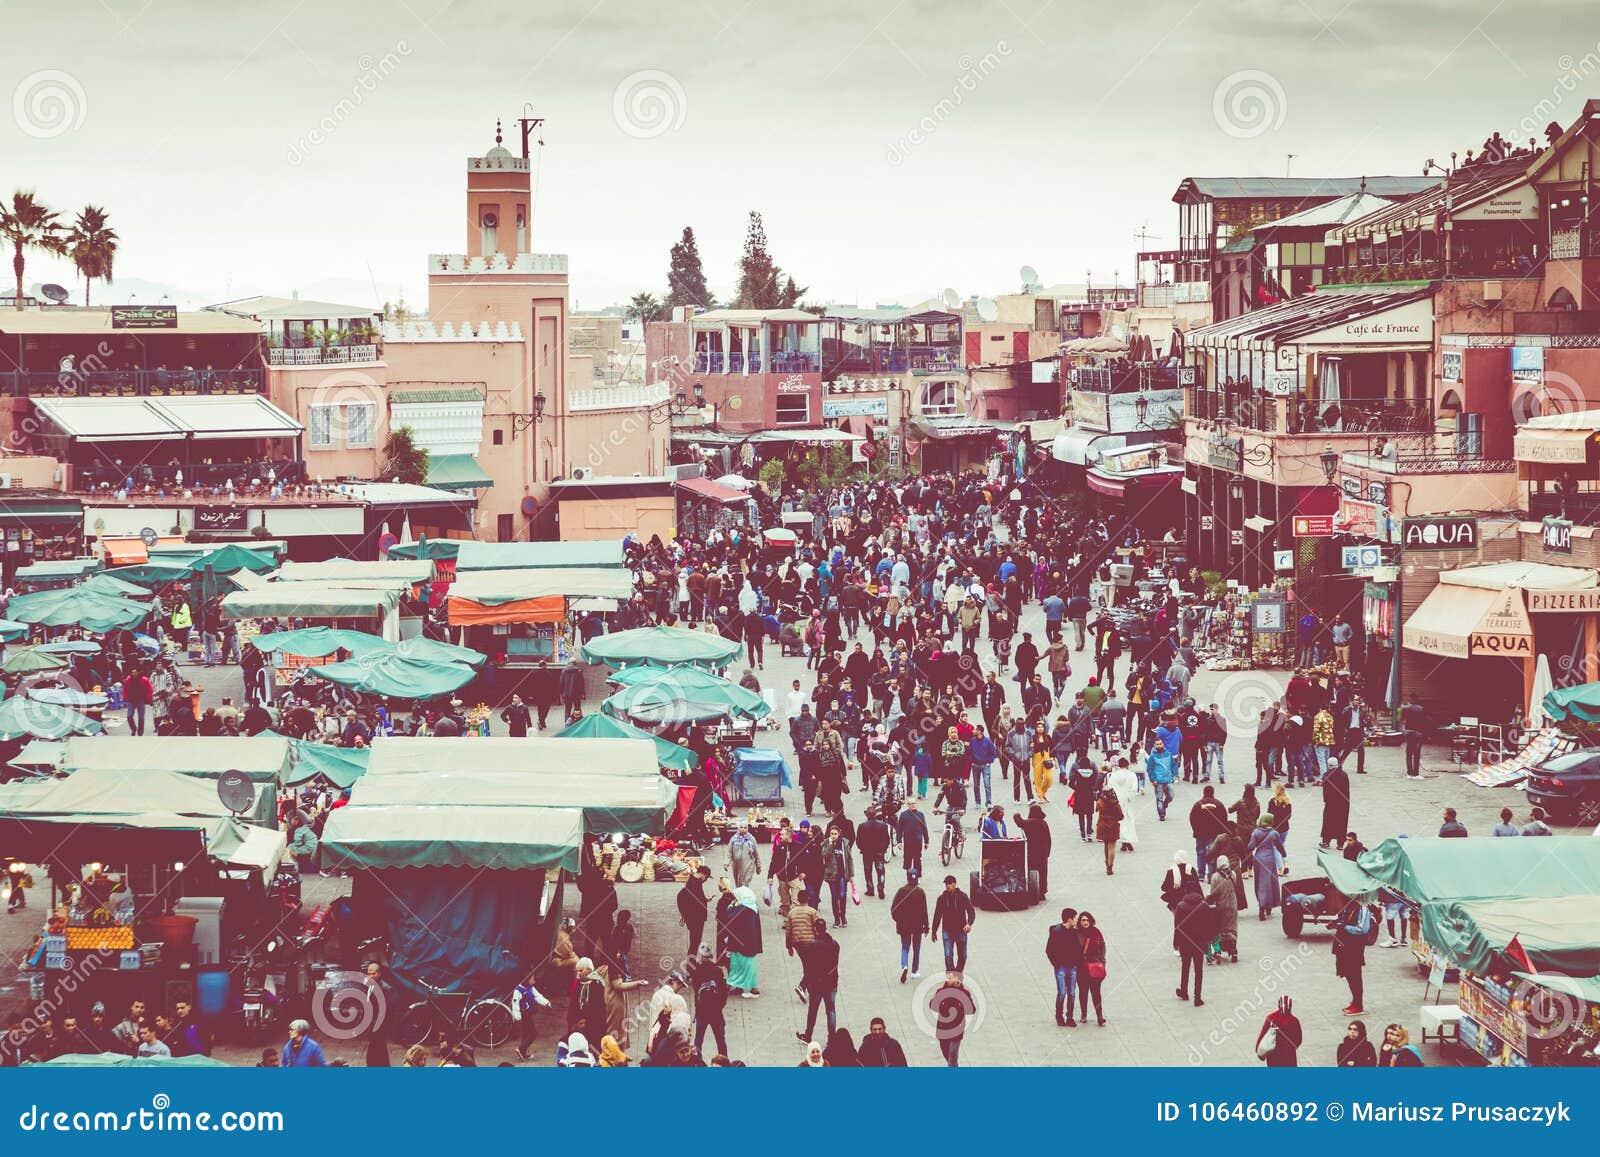 ΜΑΡΑΚΕΣ, ΜΑΡΟΚΟ - 17 ΔΕΚΕΜΒΡΊΟΥ 2017: Squa αγοράς EL Fna Jamaa